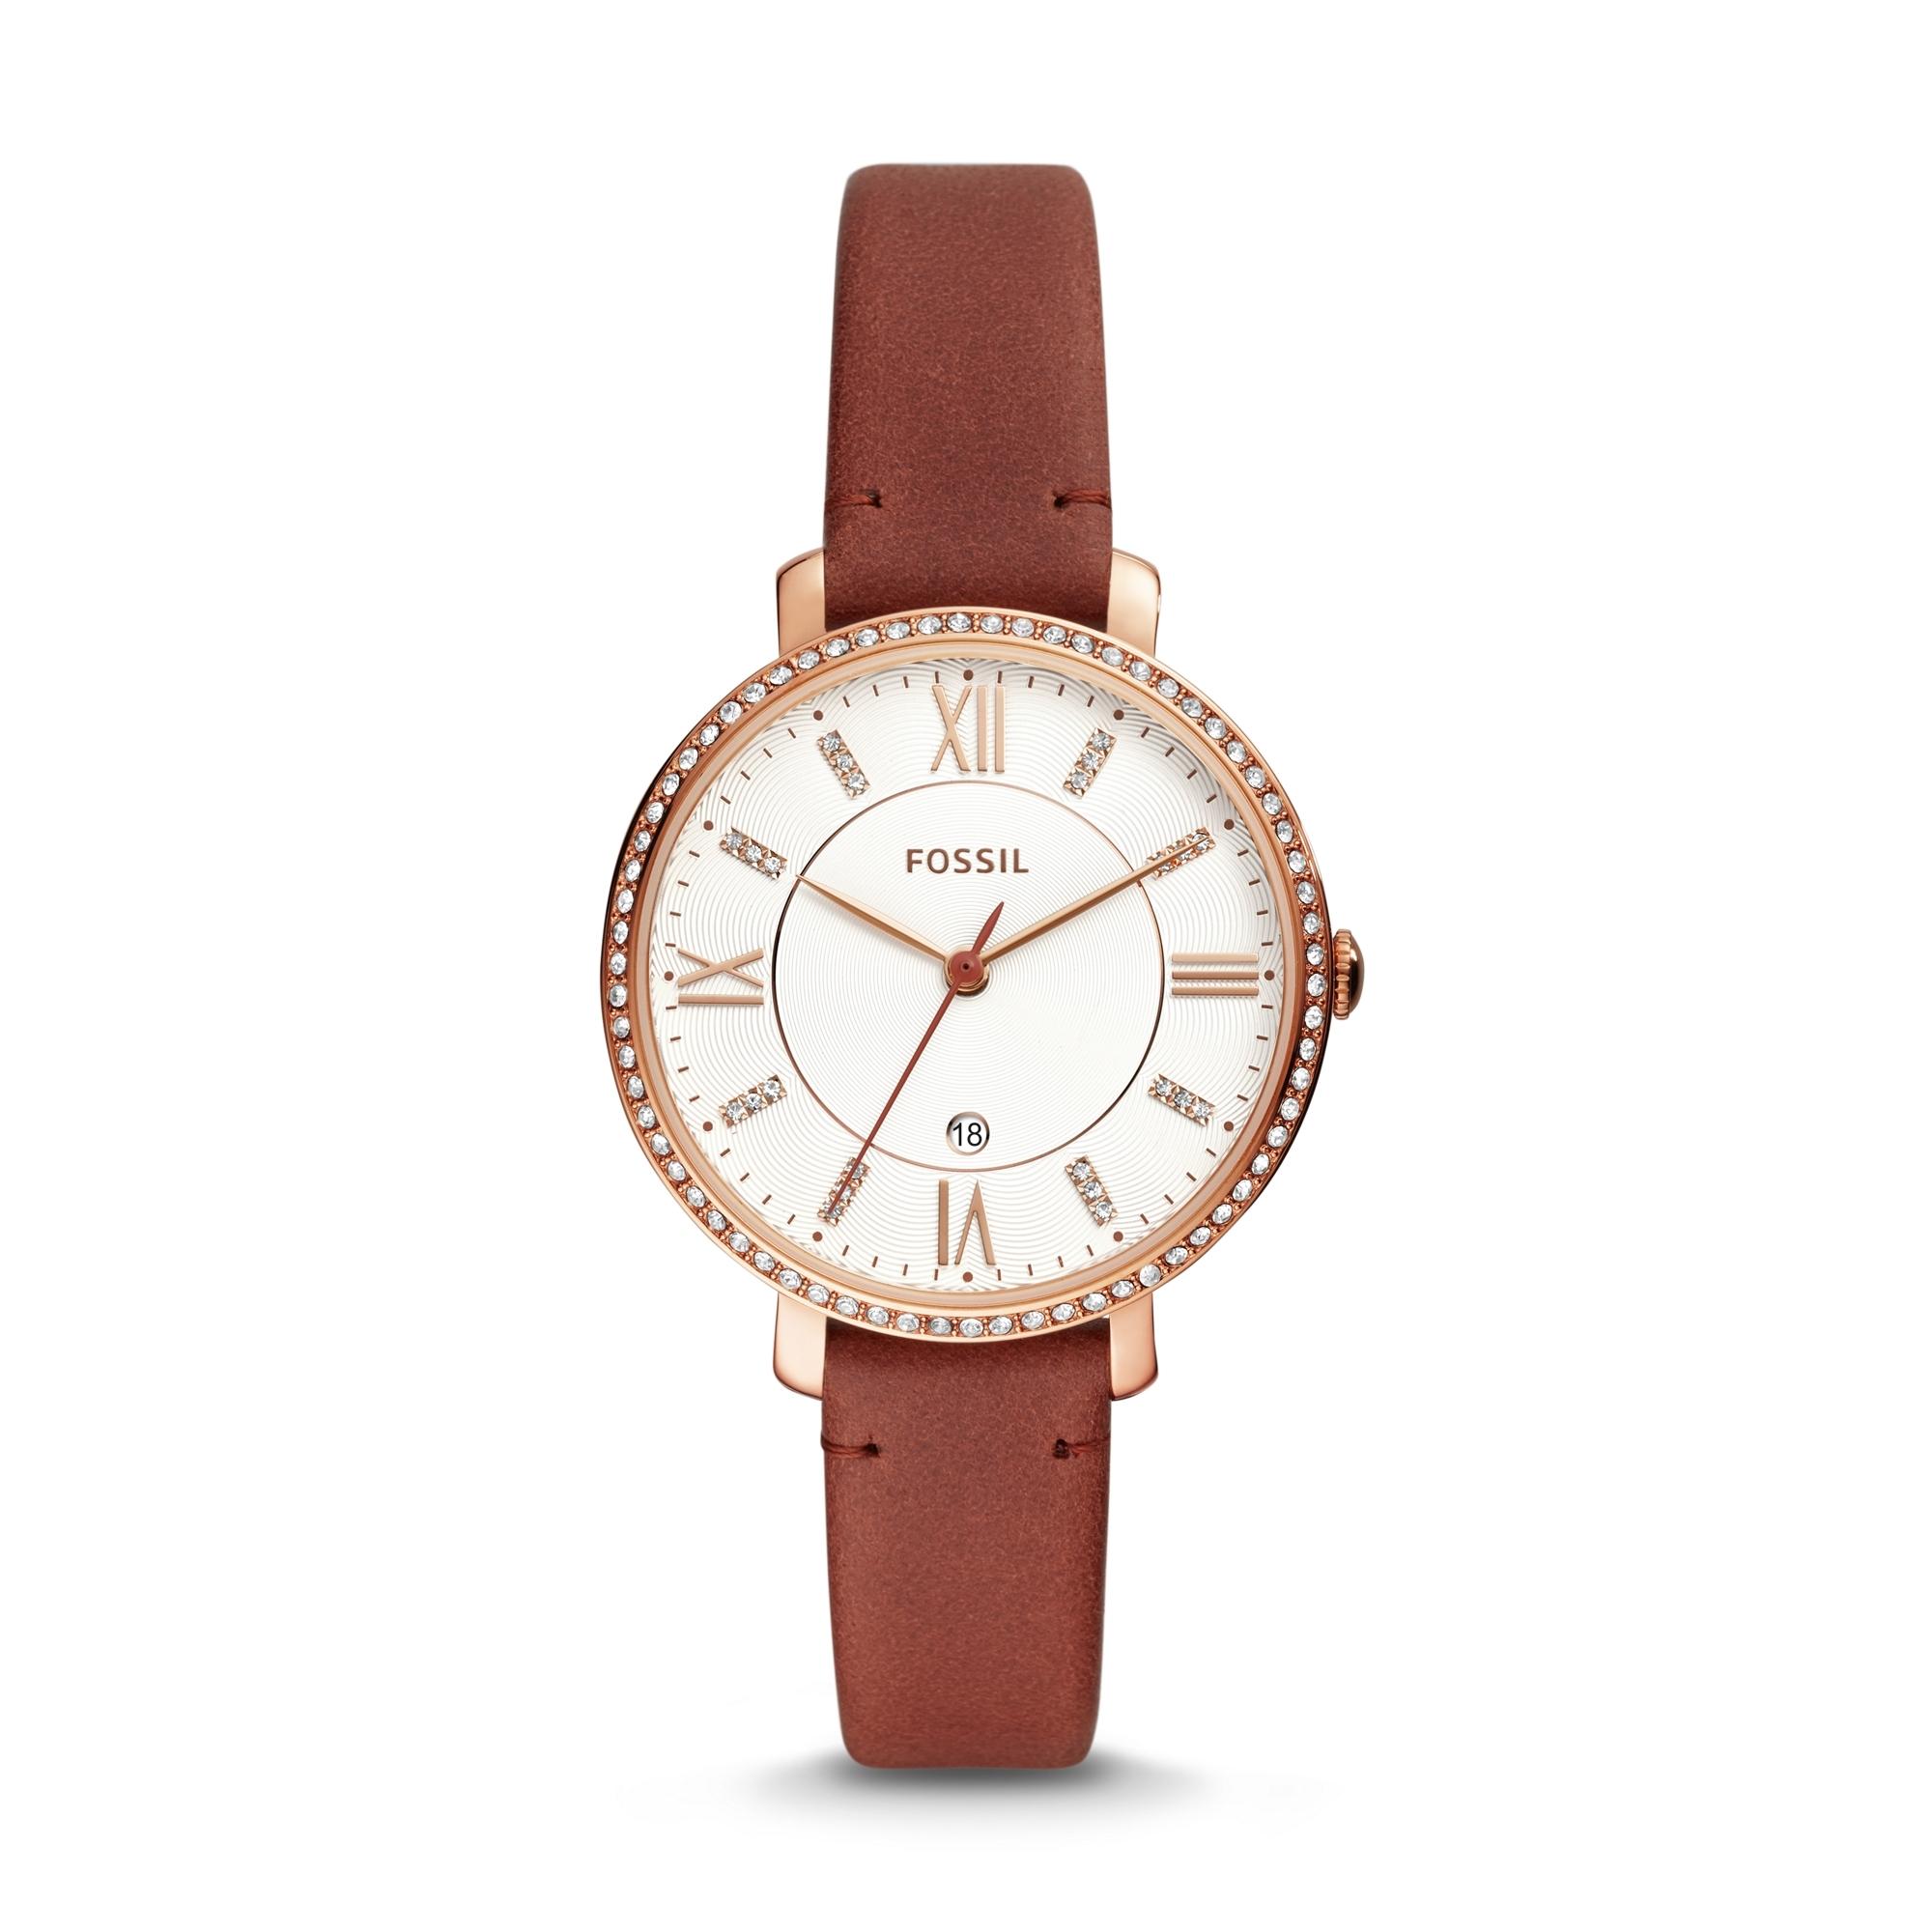 eec6acf5 FOSSIL ES4413 – купить наручные часы, сравнение цен интернет ...